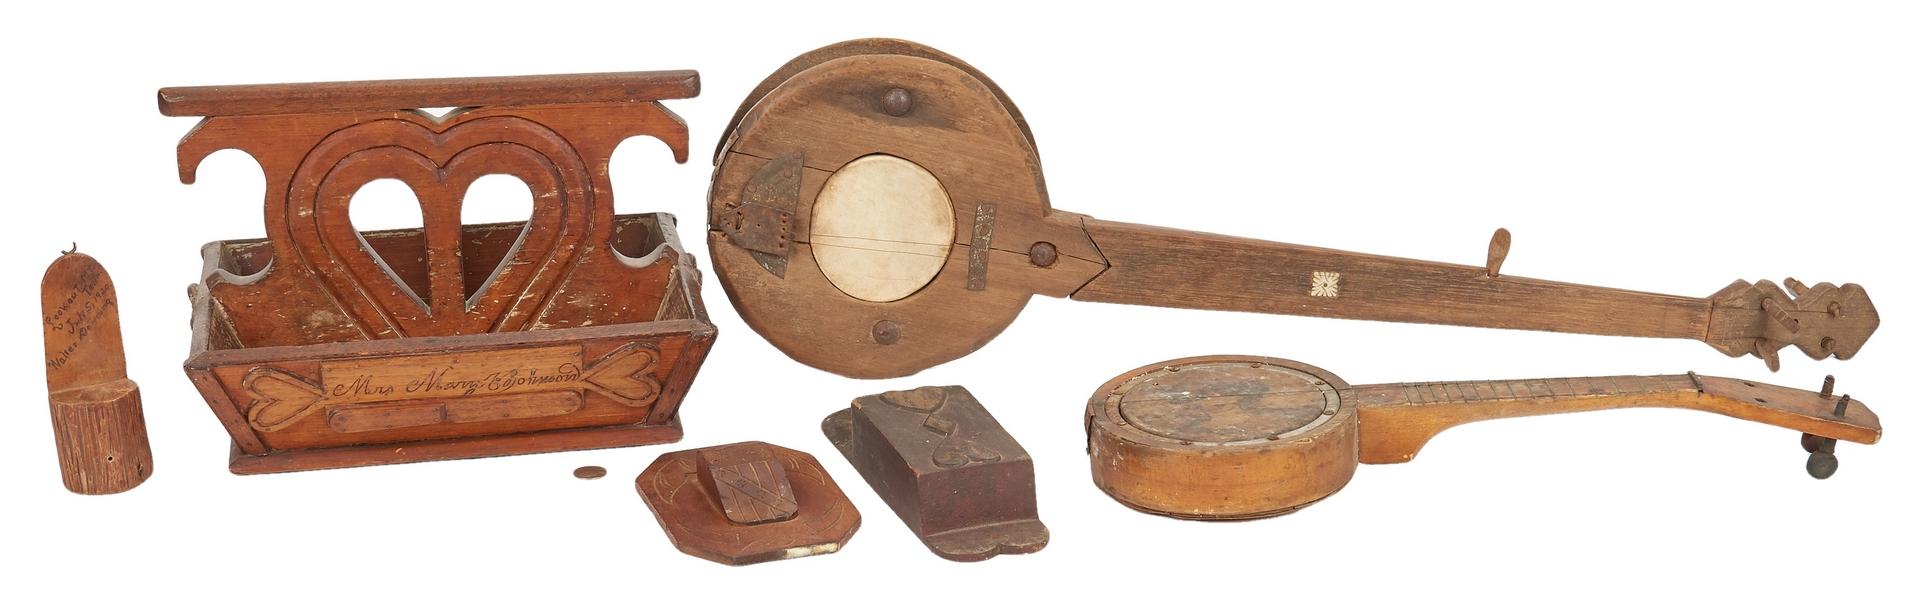 Lot 377: Southern Folk Art Box, 2 banjos, 3 Match Safes